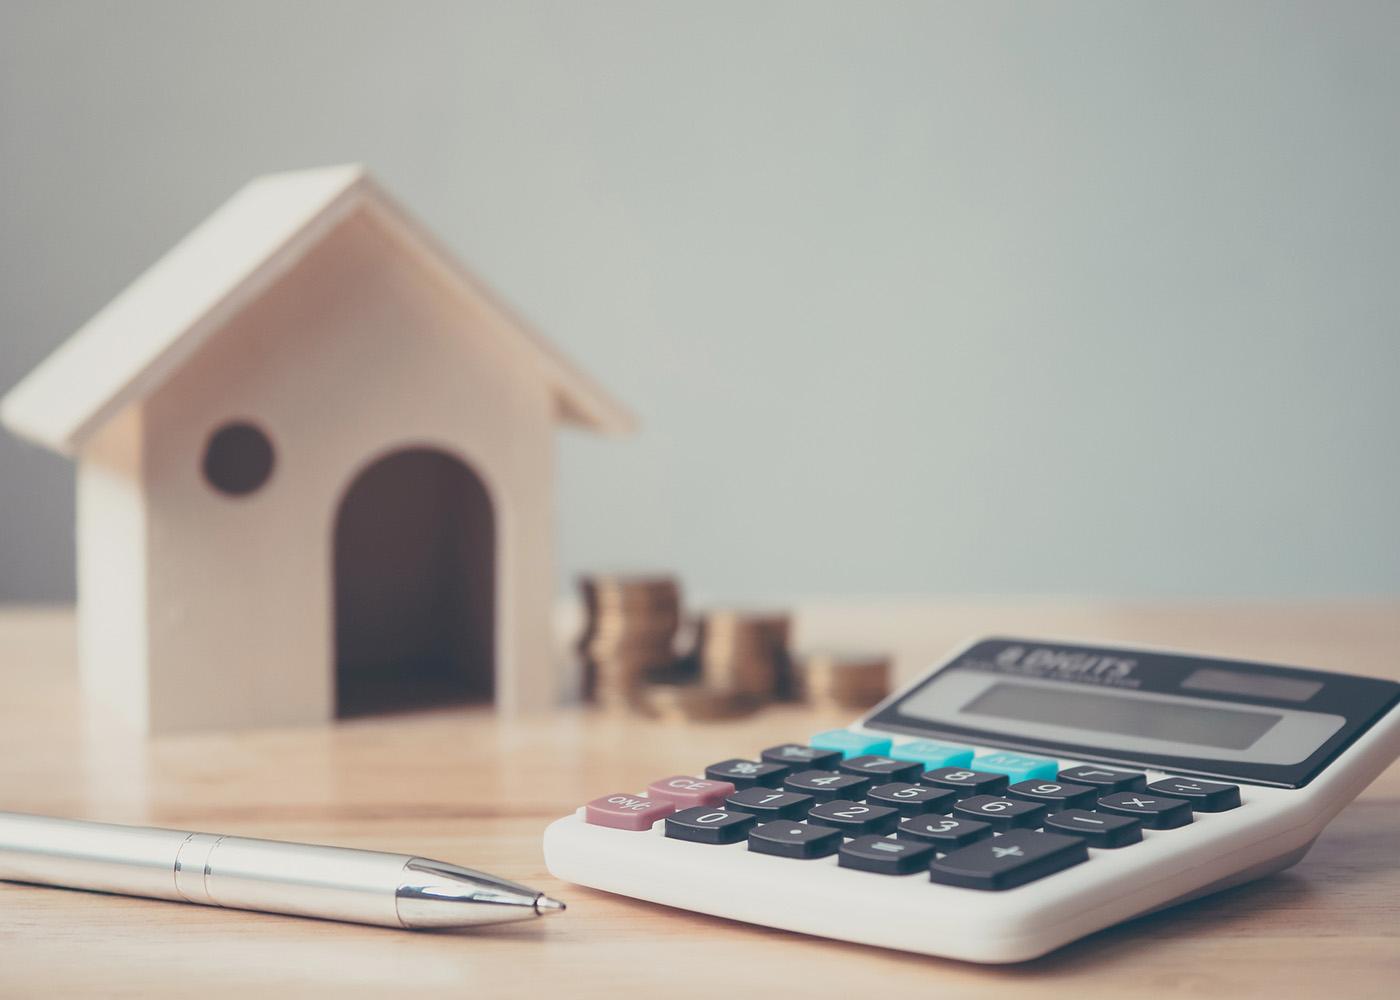 calcular valor da casa